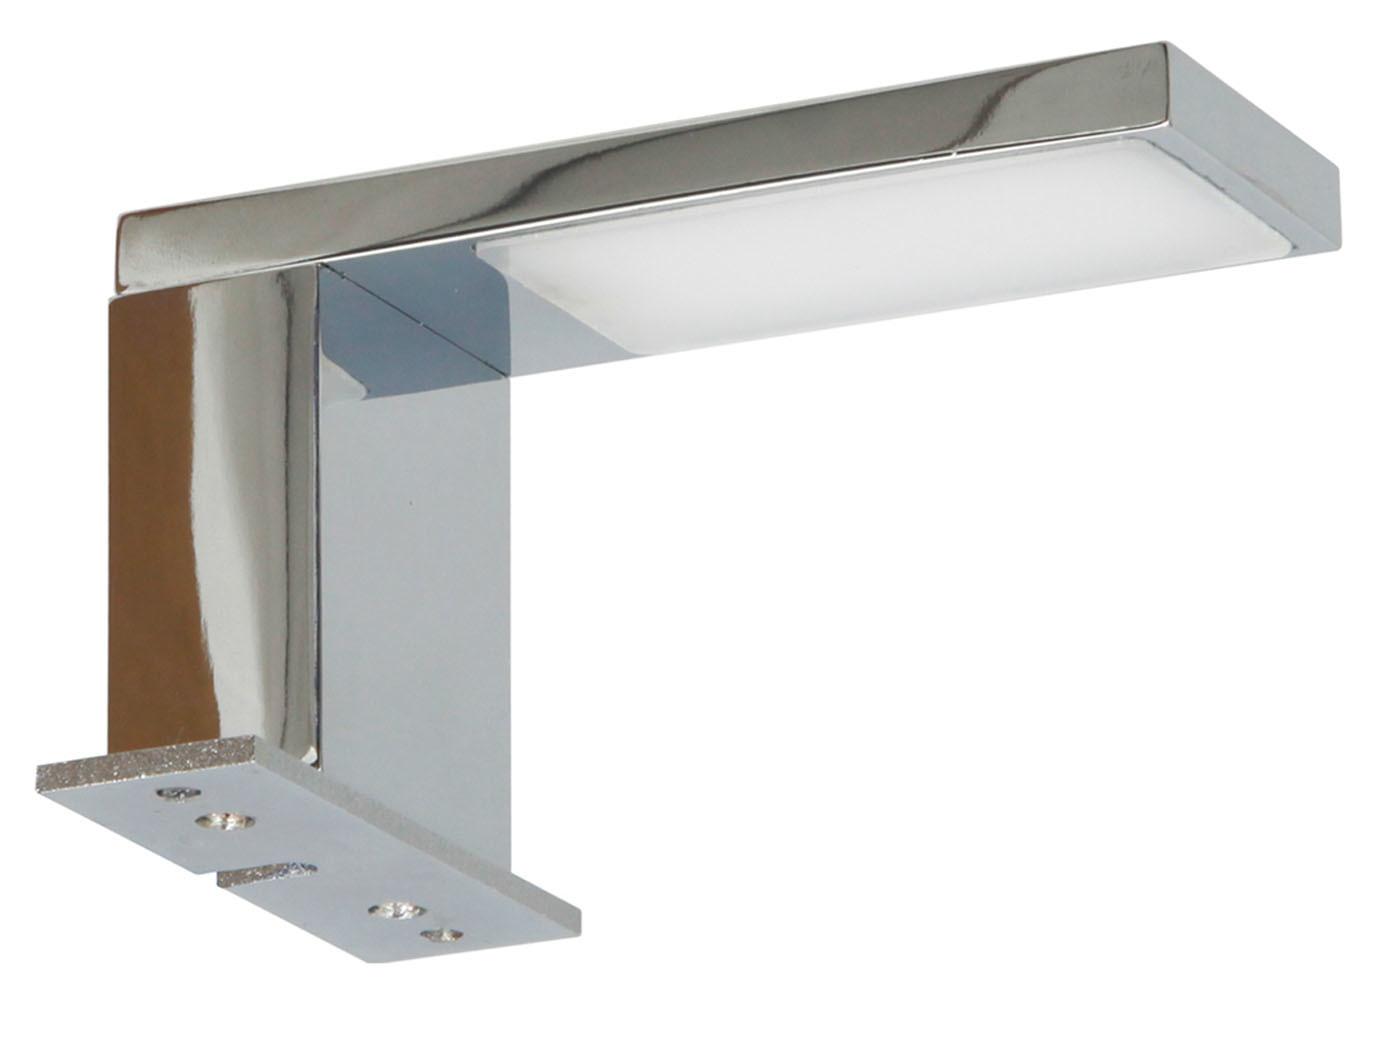 LED Spiegelleuchte fürs Badezimmer, Spiegellampe Chrom ...